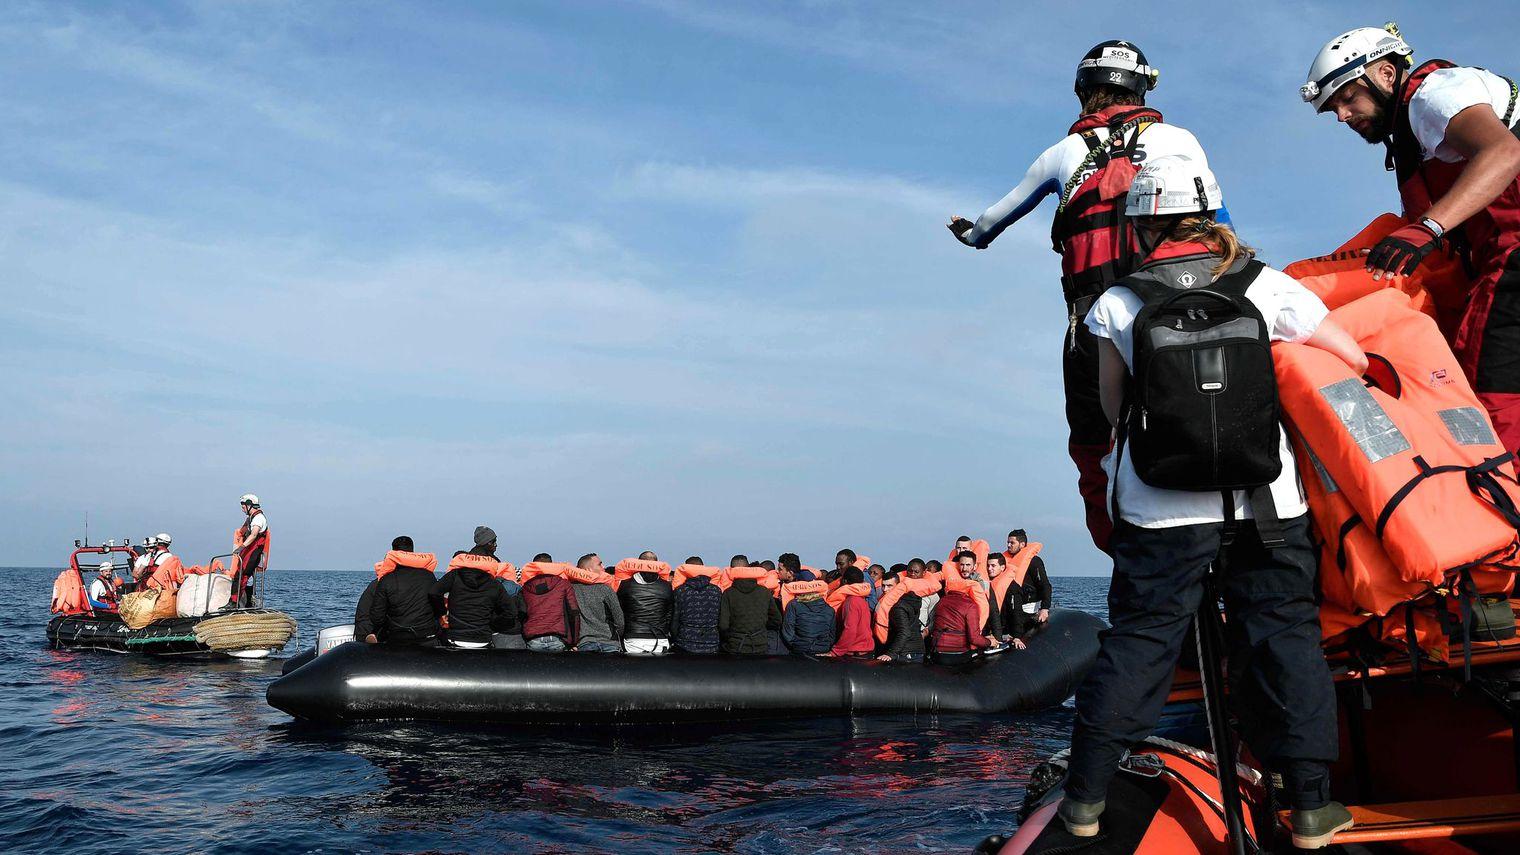 Un nouveau navire italien va patrouiller en Méditerranée centrale